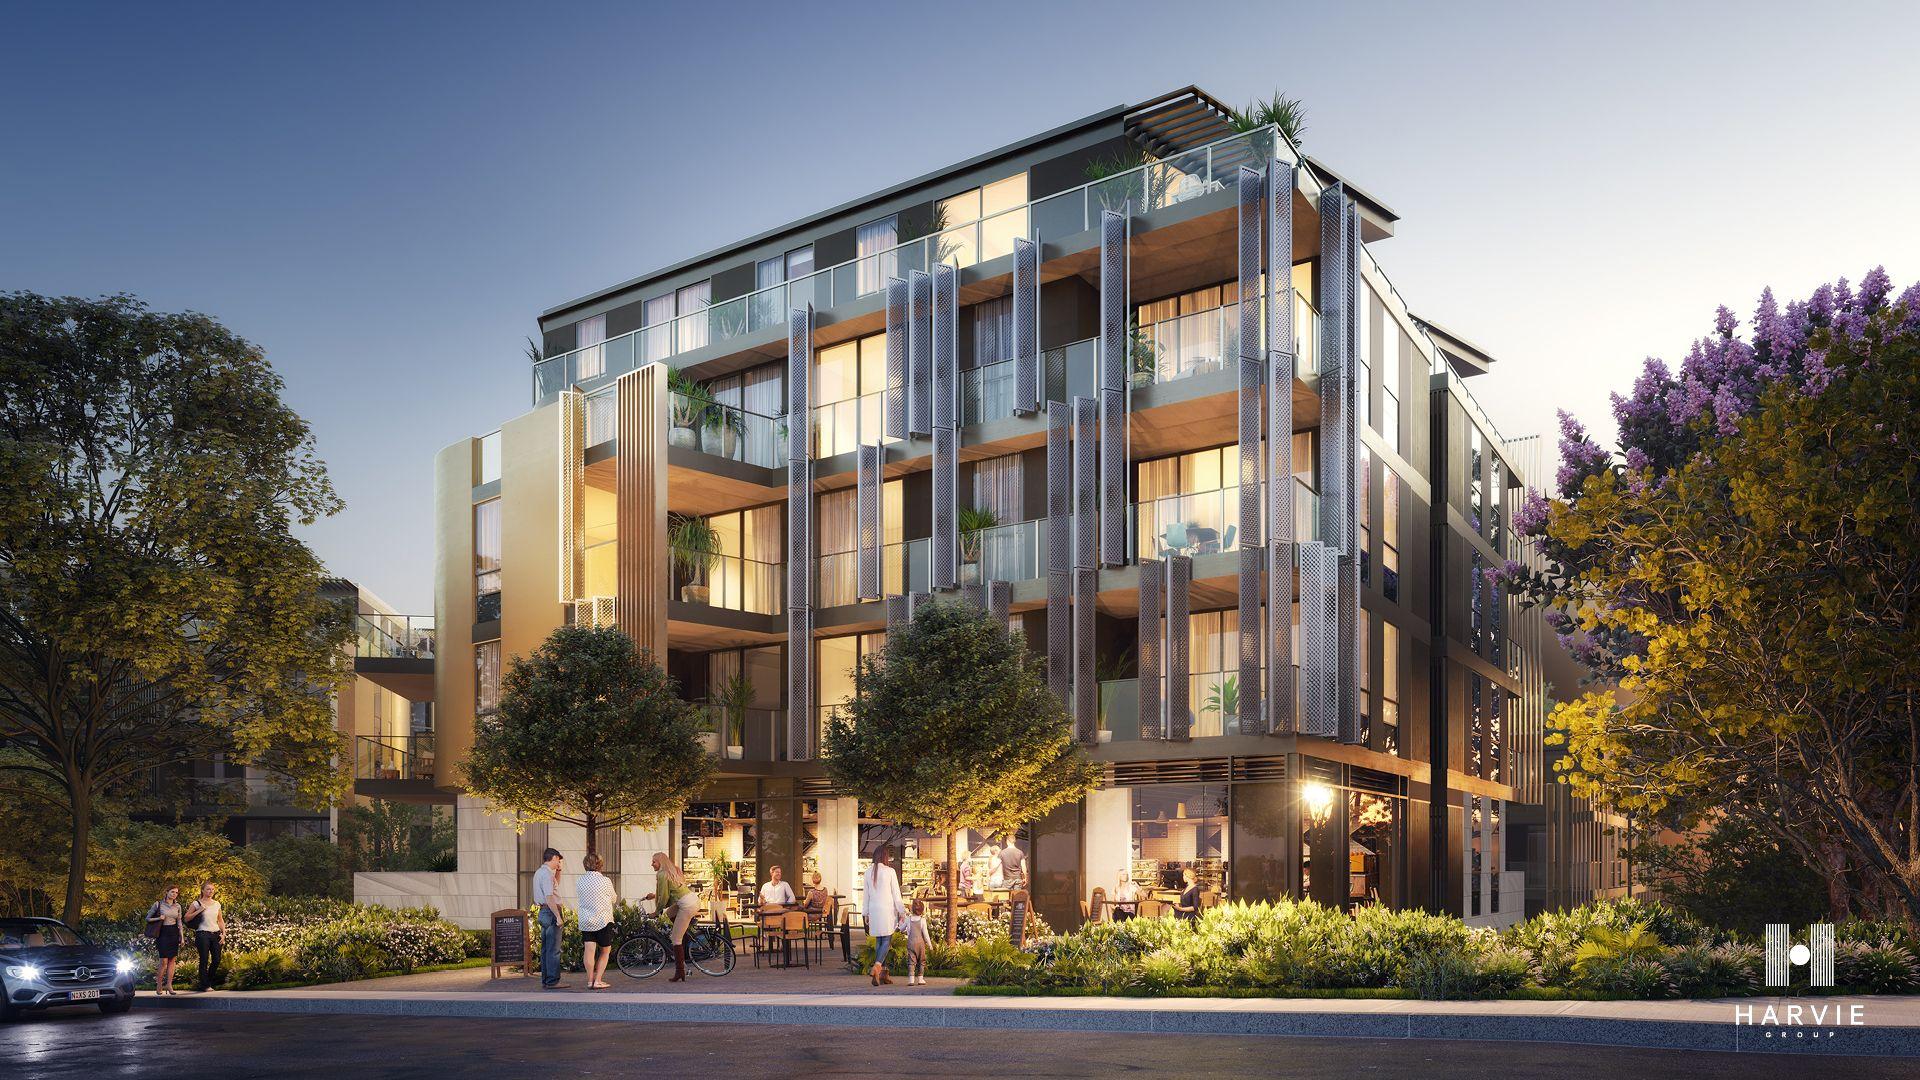 8 Pymble Avenue, Pymble, NSW 2073, Image 0